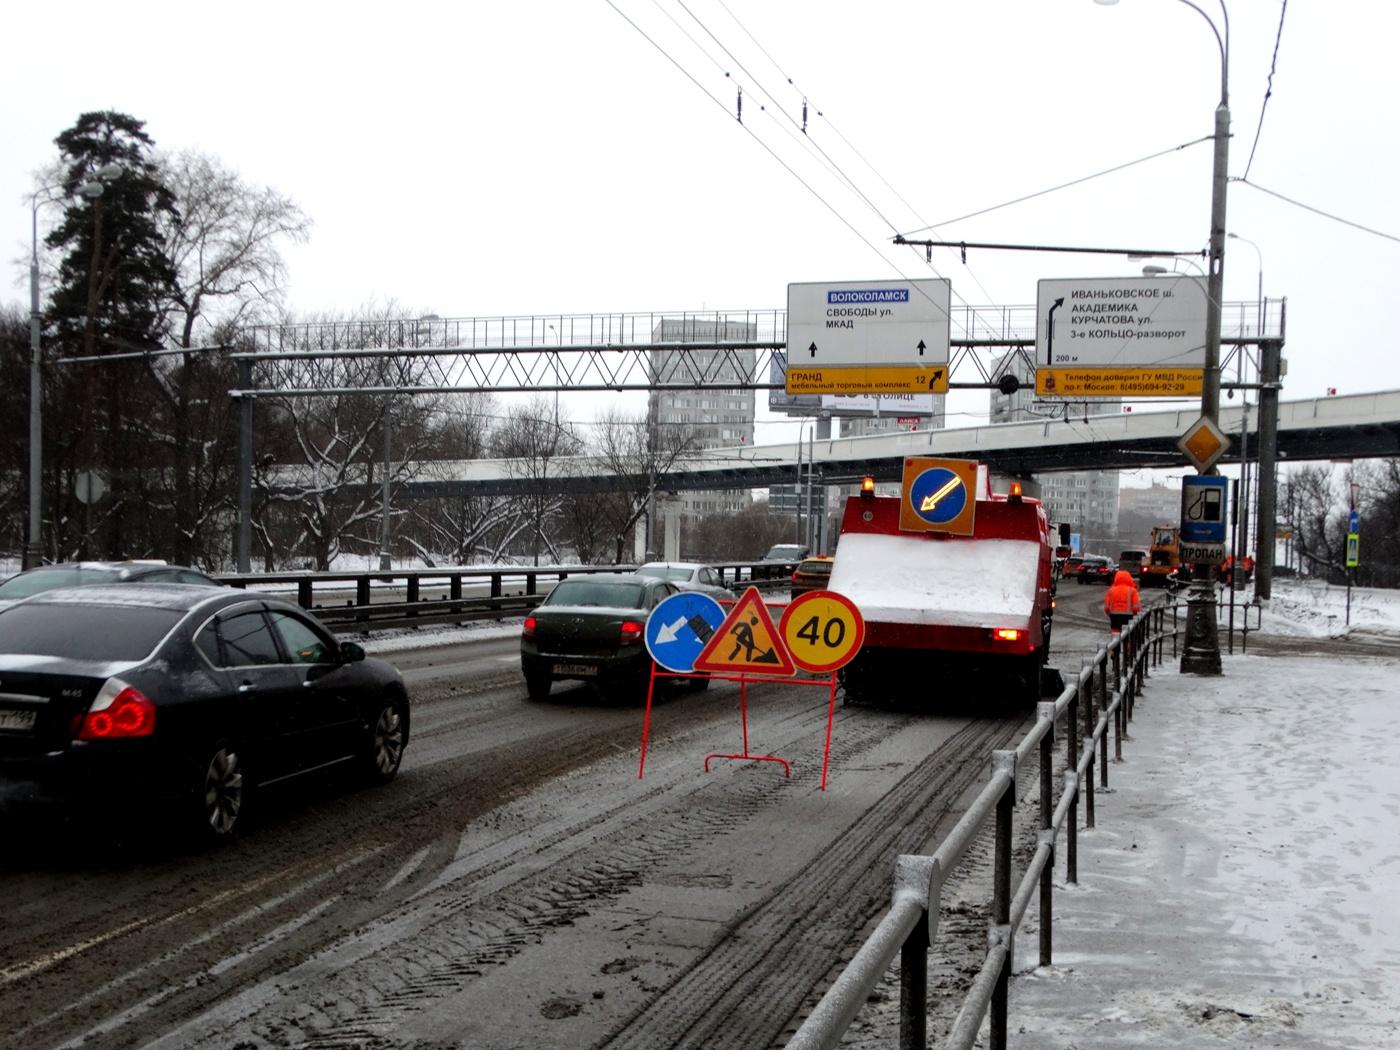 фото после реконструкции рижского шоссе танец лезгинка